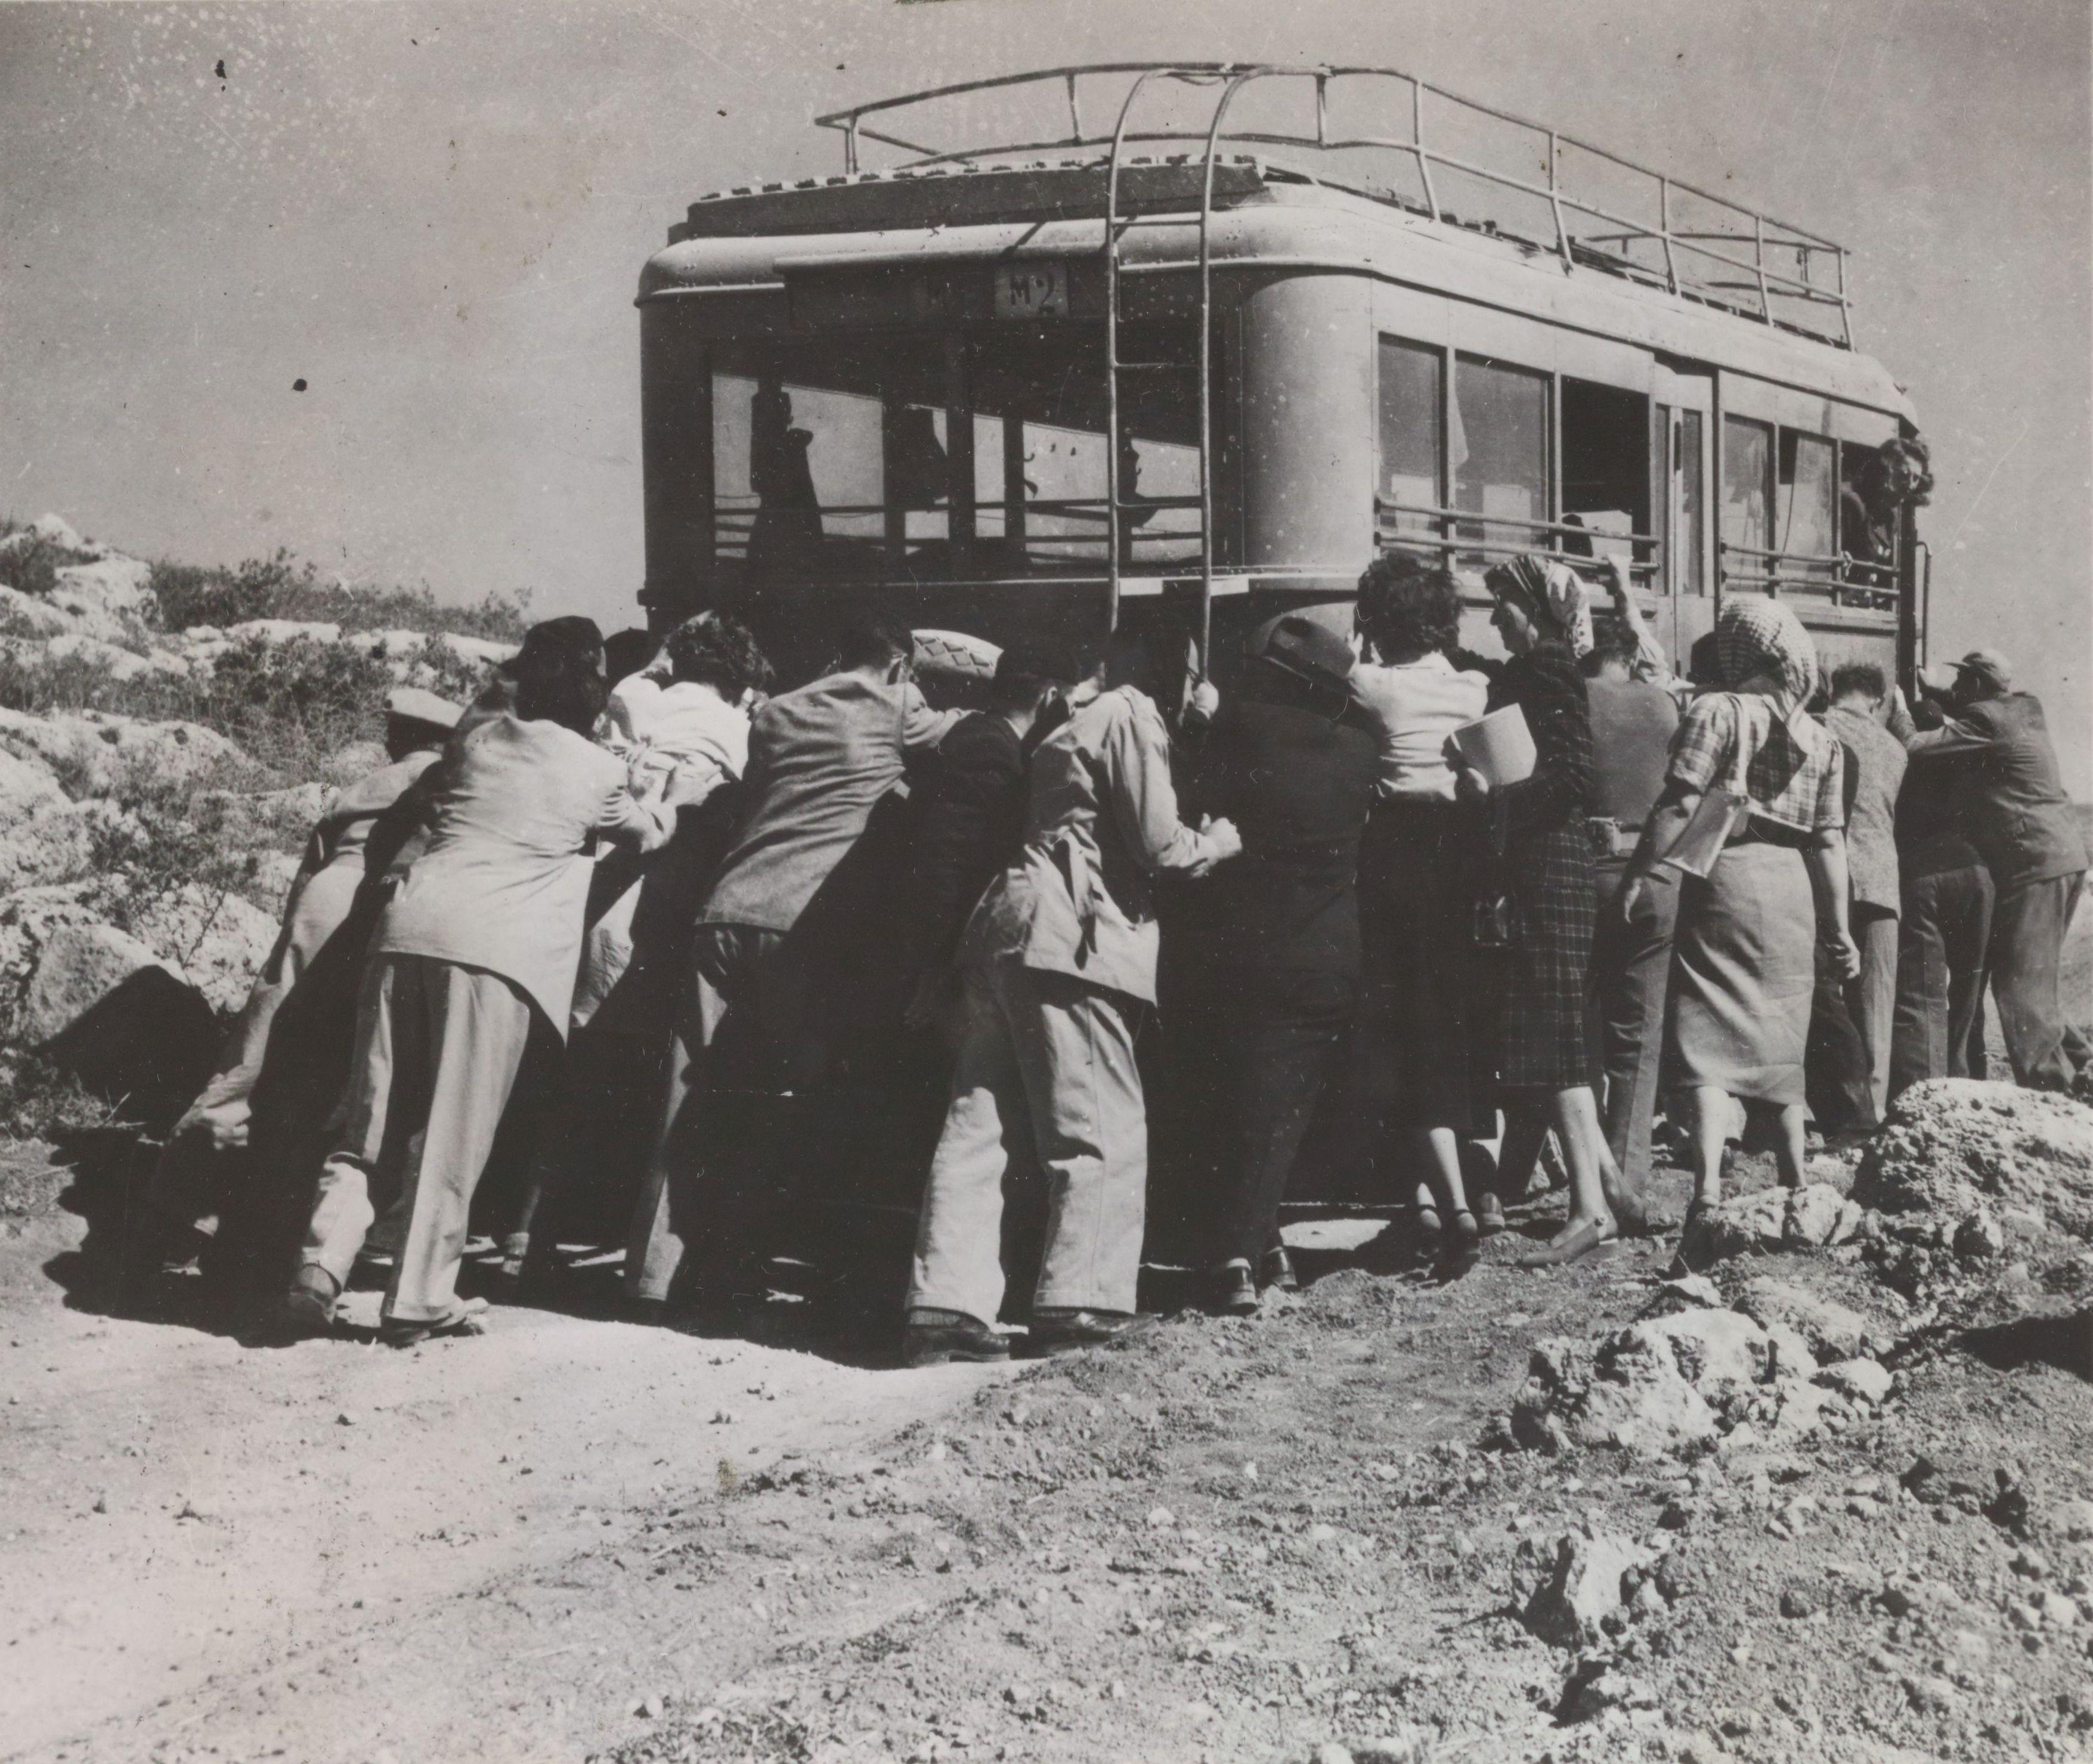 Члены Израильской филармонии, толкают свой автобус после того, как он сломался по пути в Иерусалим.  14 октября